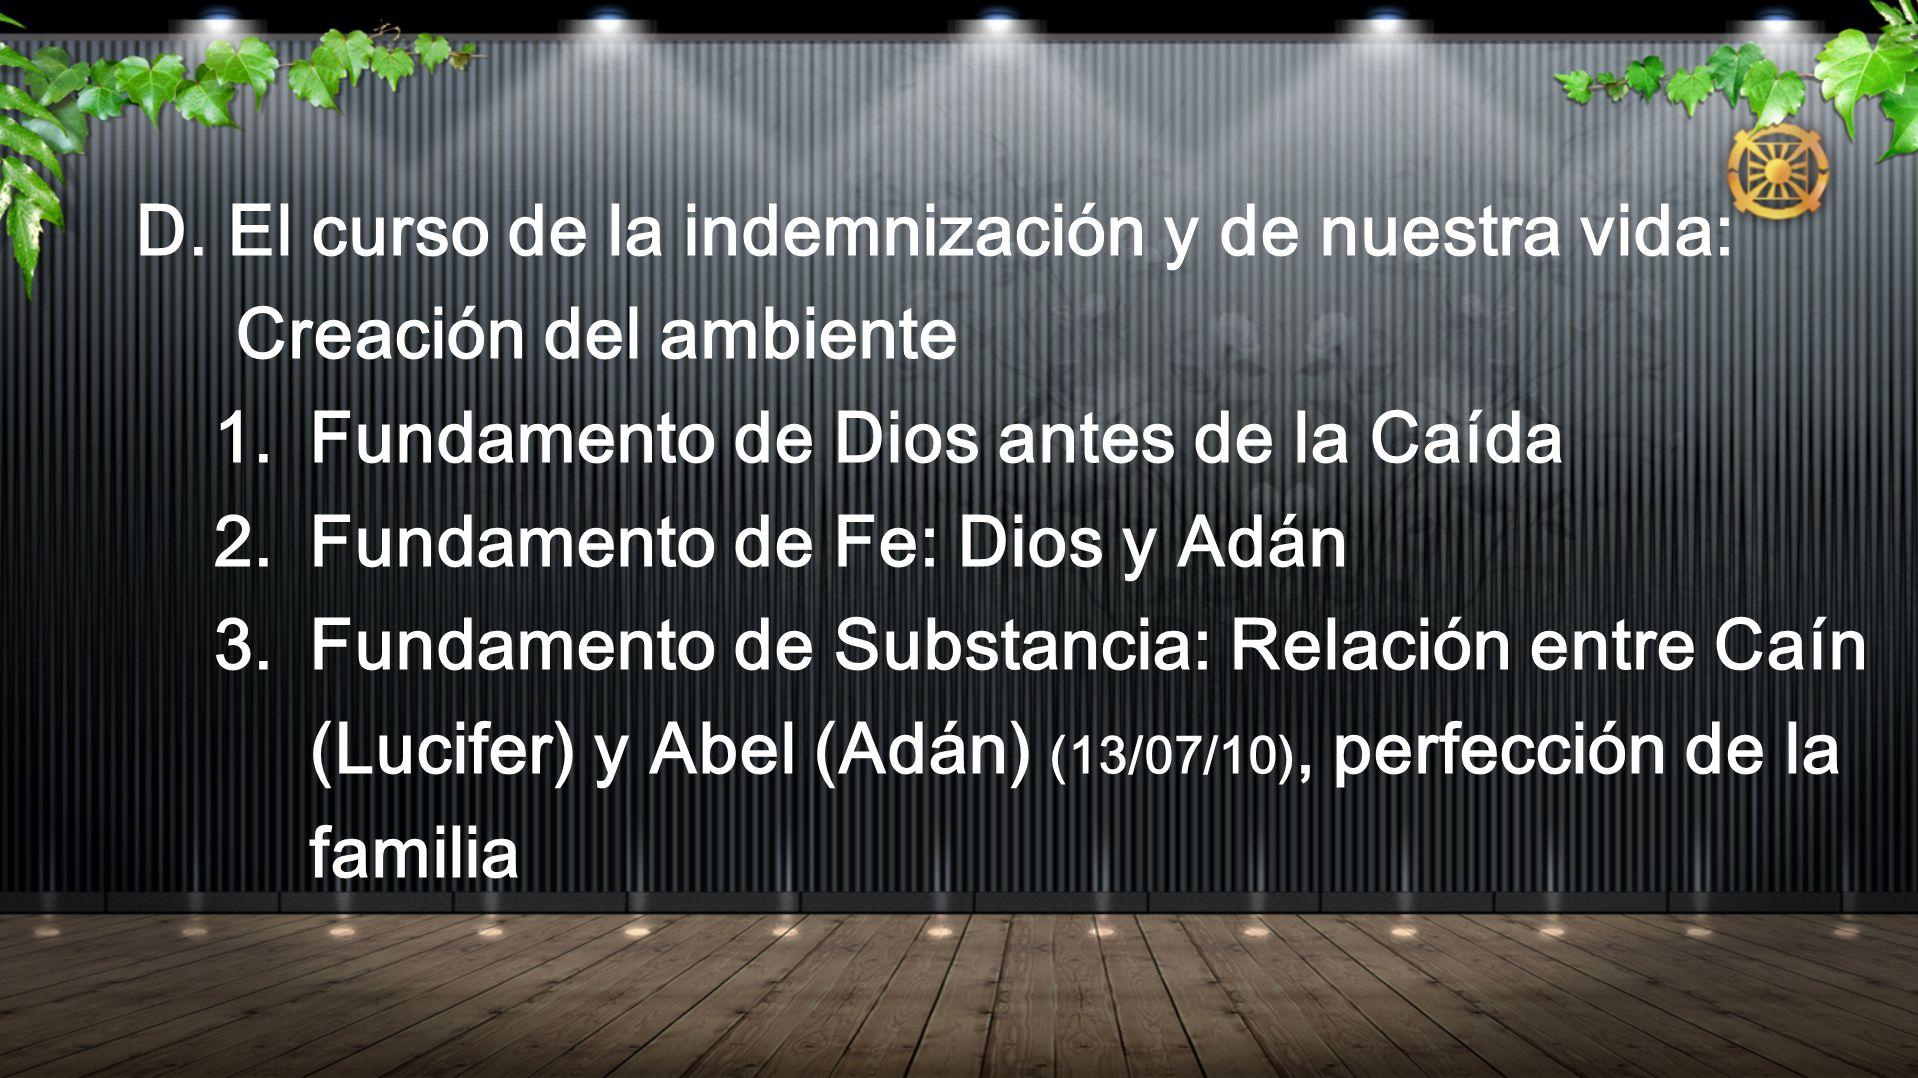 D. El curso de la indemnización y de nuestra vida: Creación del ambiente 1. Fundamento de Dios antes de la Caída 2. Fundamento de Fe: Dios y Adán 3. F